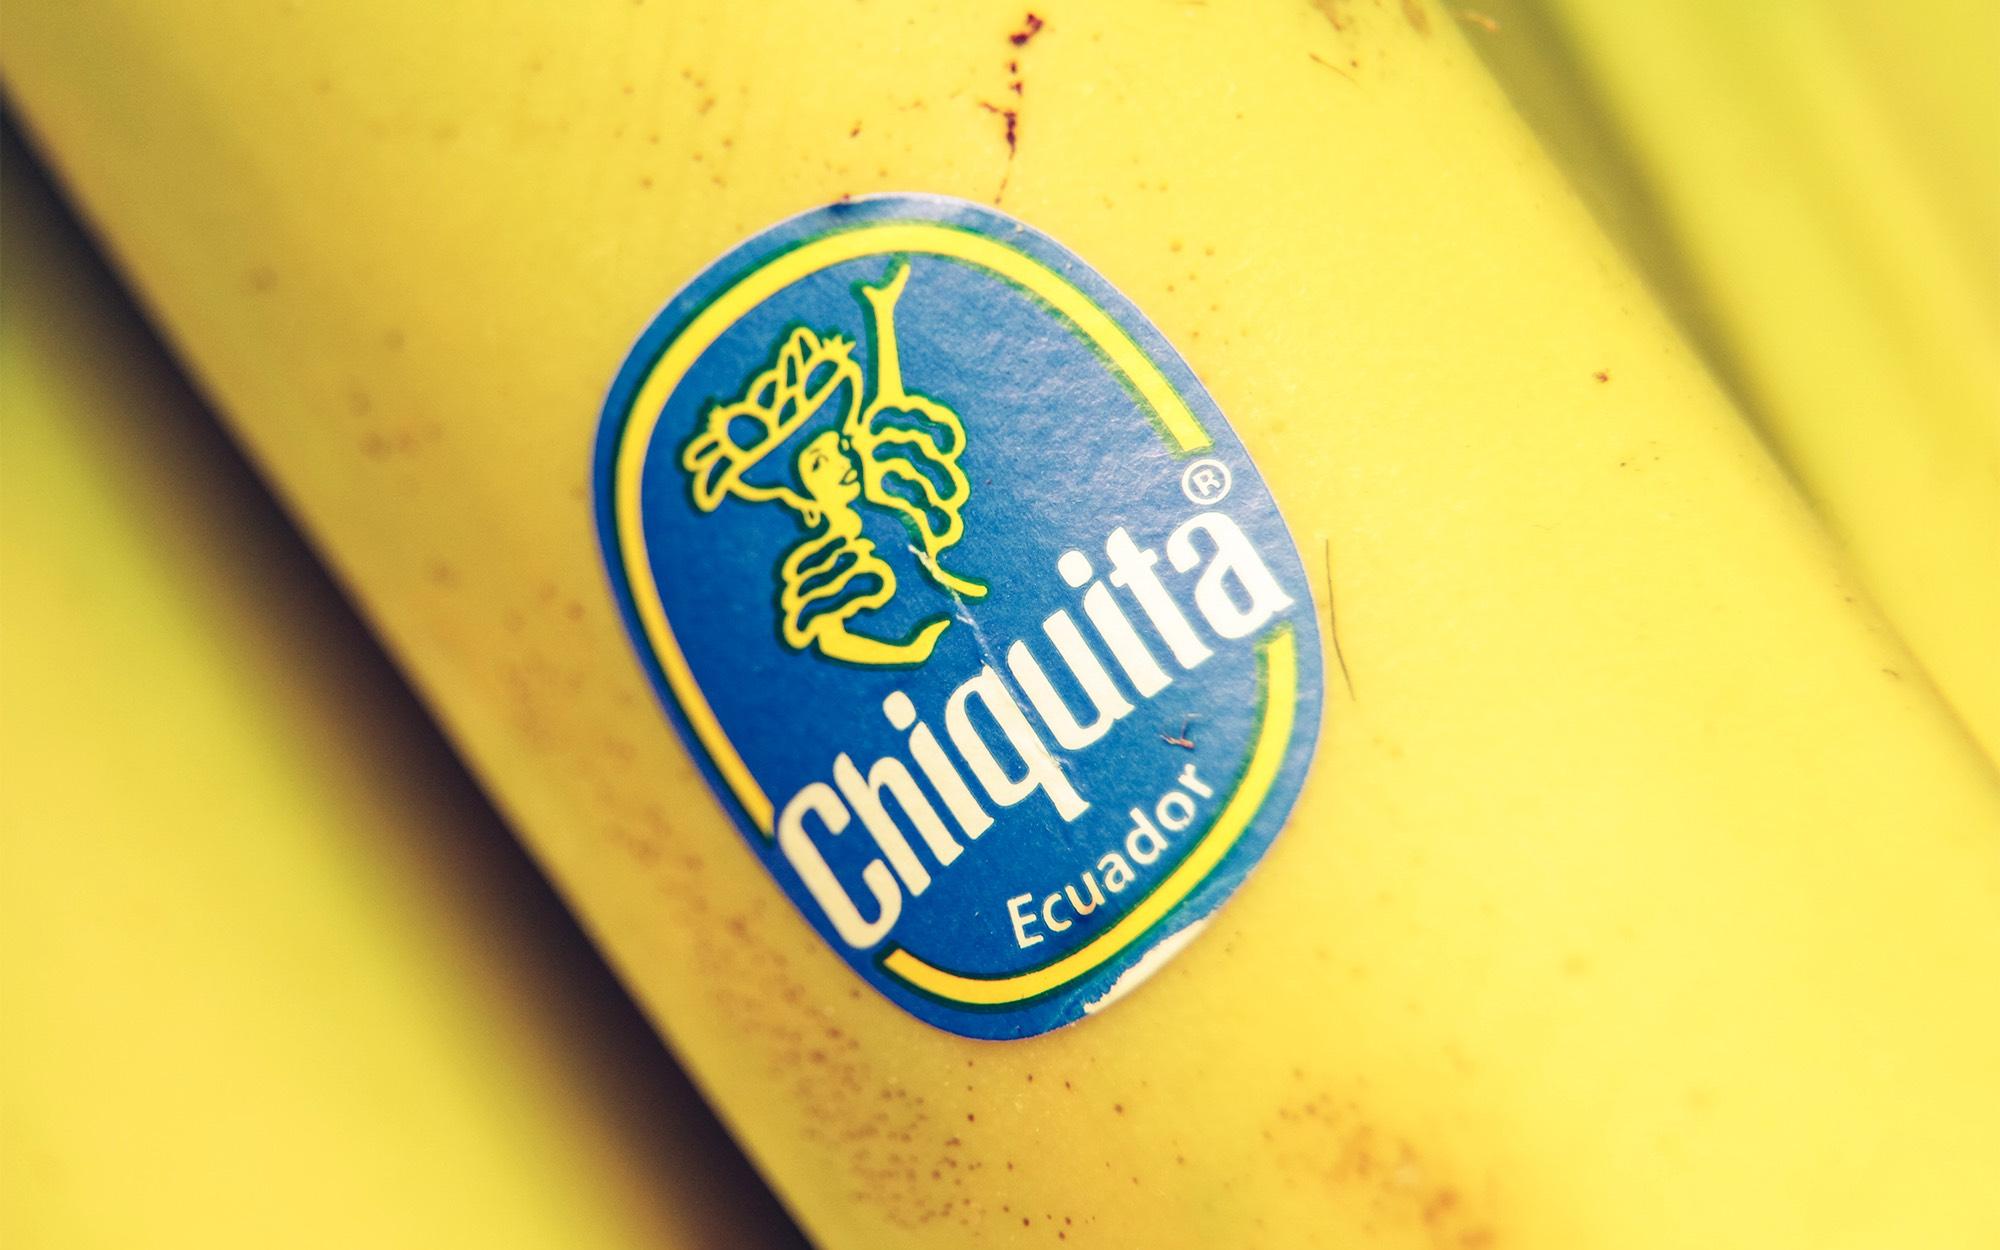 Chiquita brand as quality warranty for Ecuador nationality